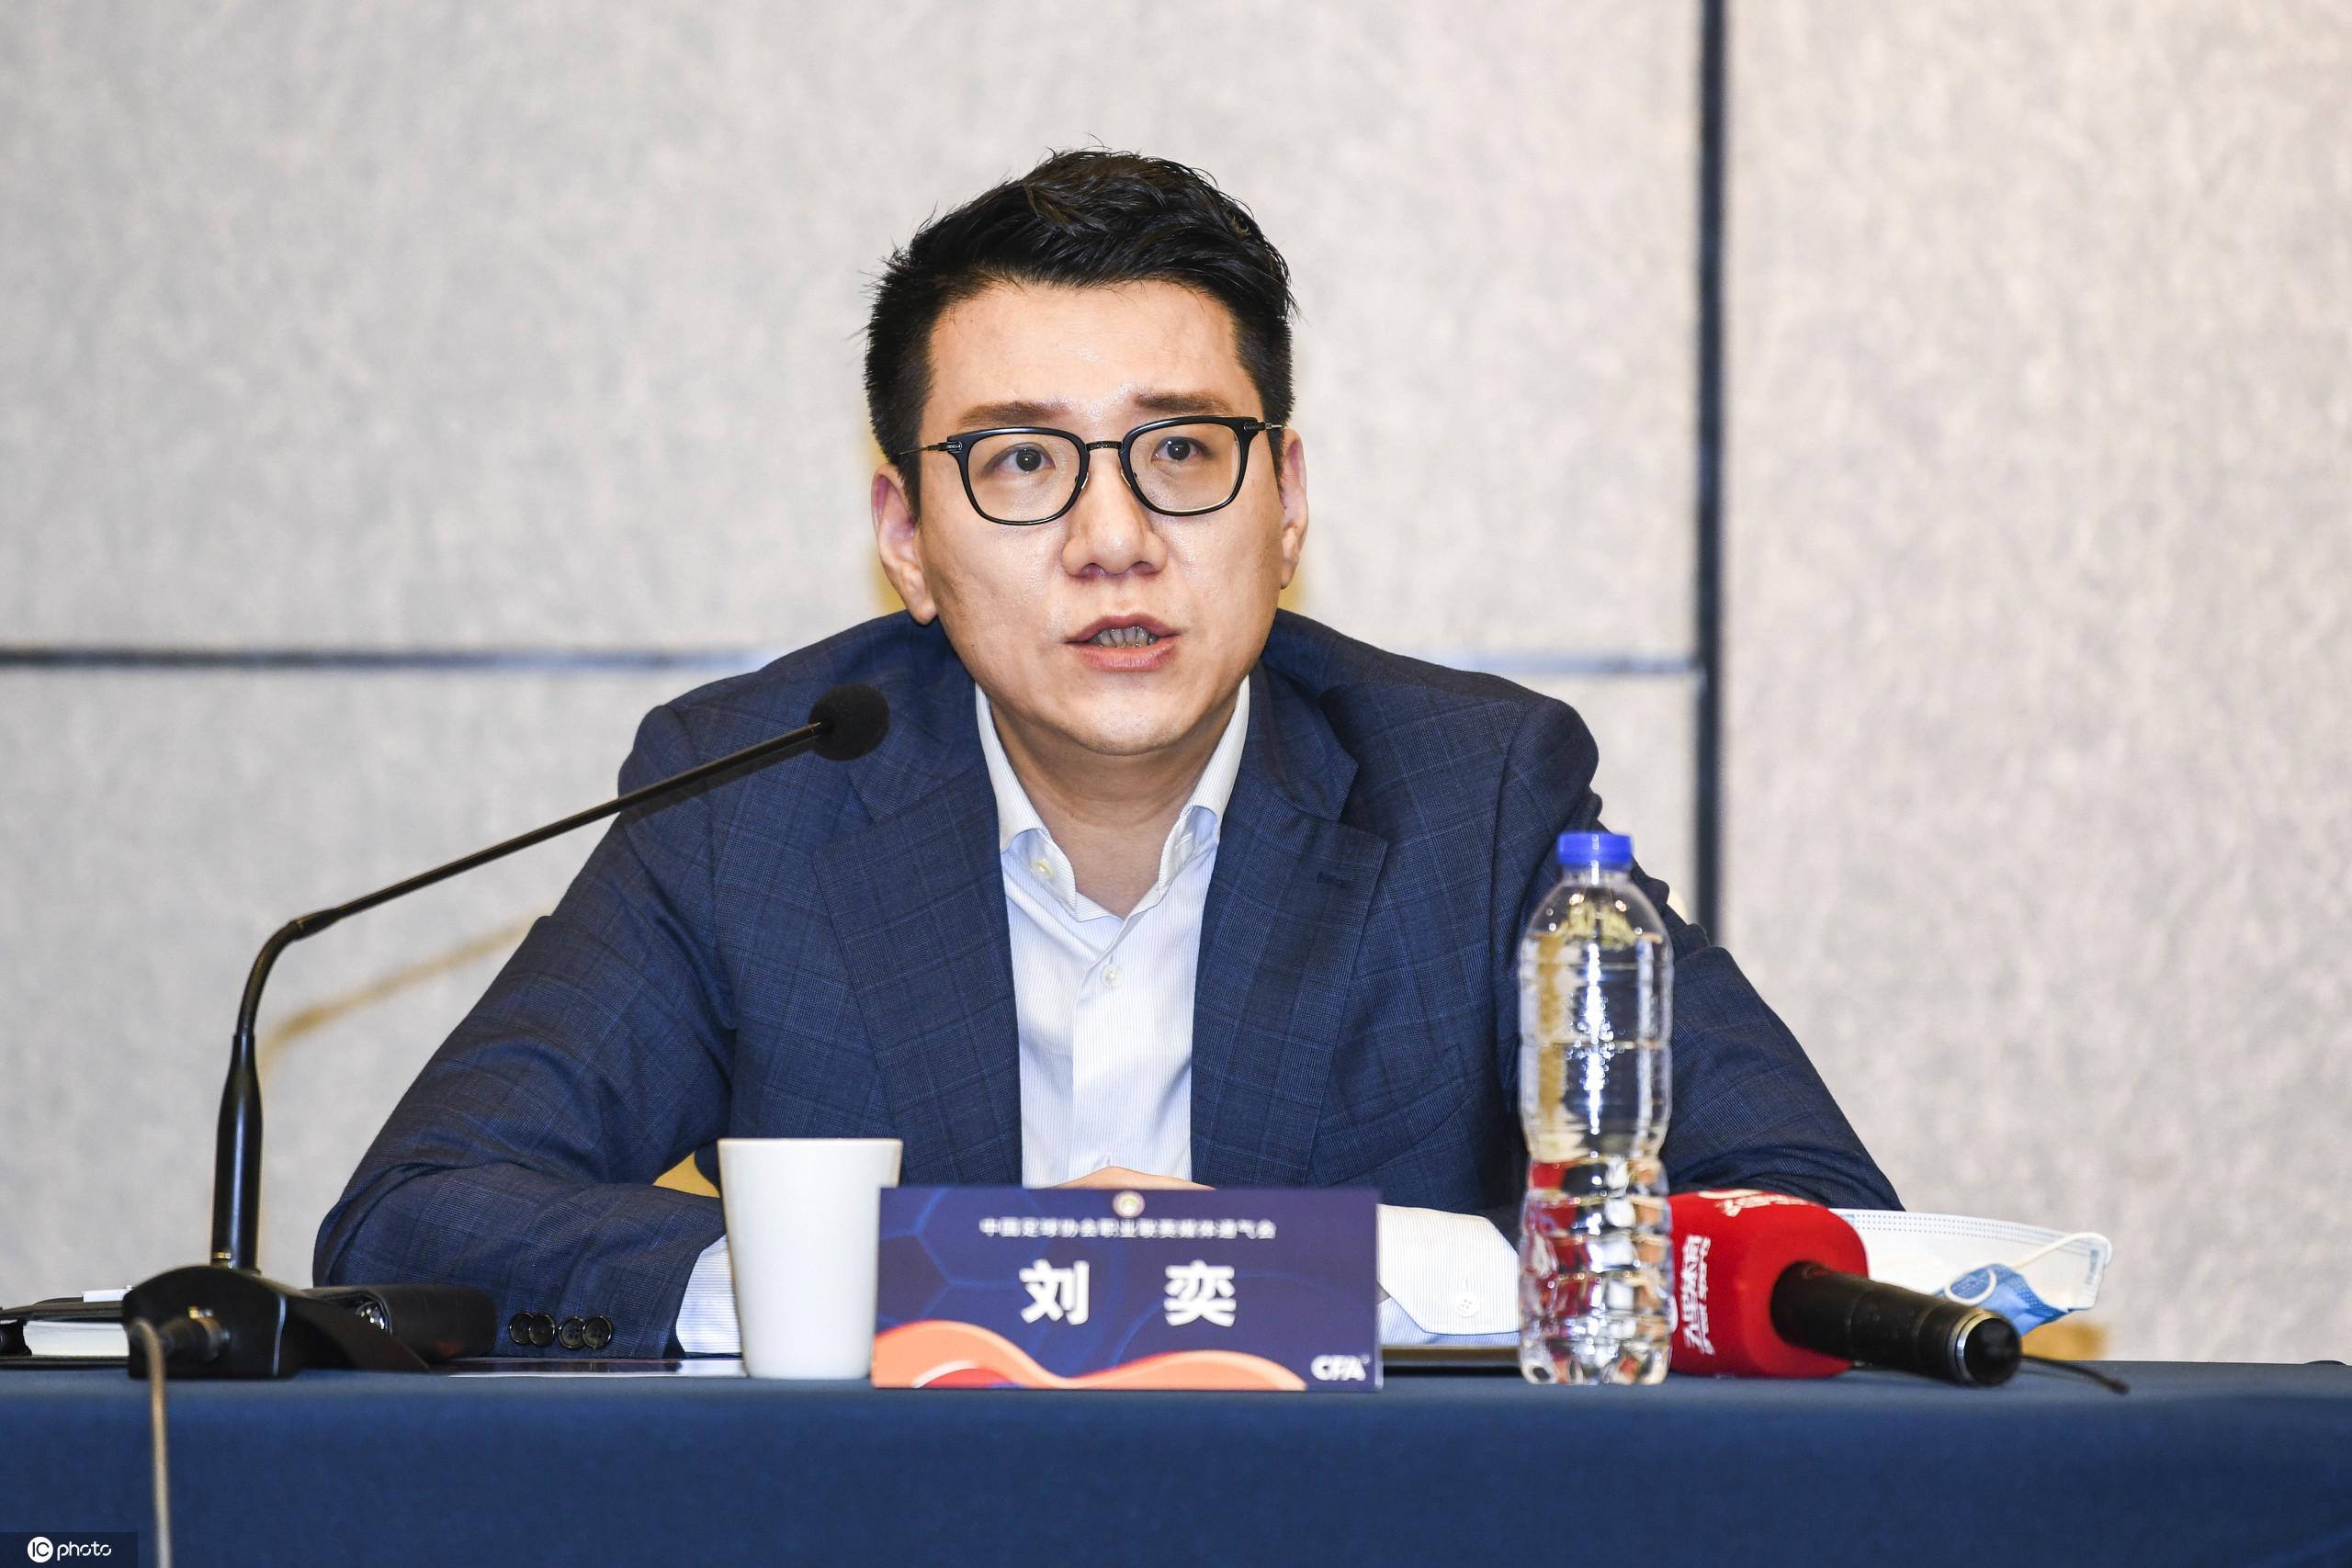 足协秘书长刘奕:中超第一阶段成绩将不带入第二阶段